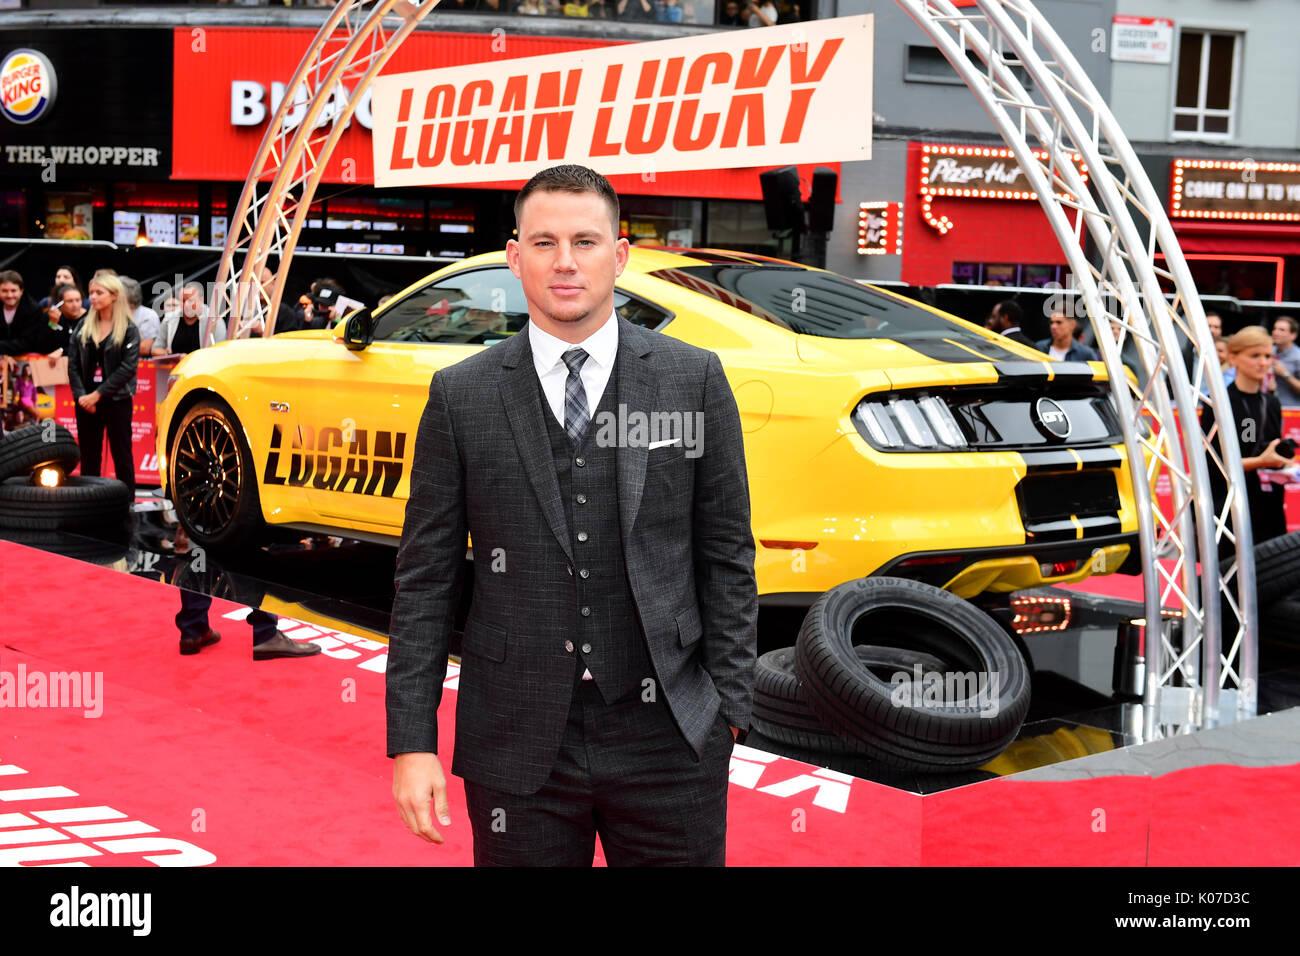 Channing Tatum asistiendo al Logan Lucky UK Premiere celebrada en Vue West End en Leicester Square, Londres. Imagen De Stock